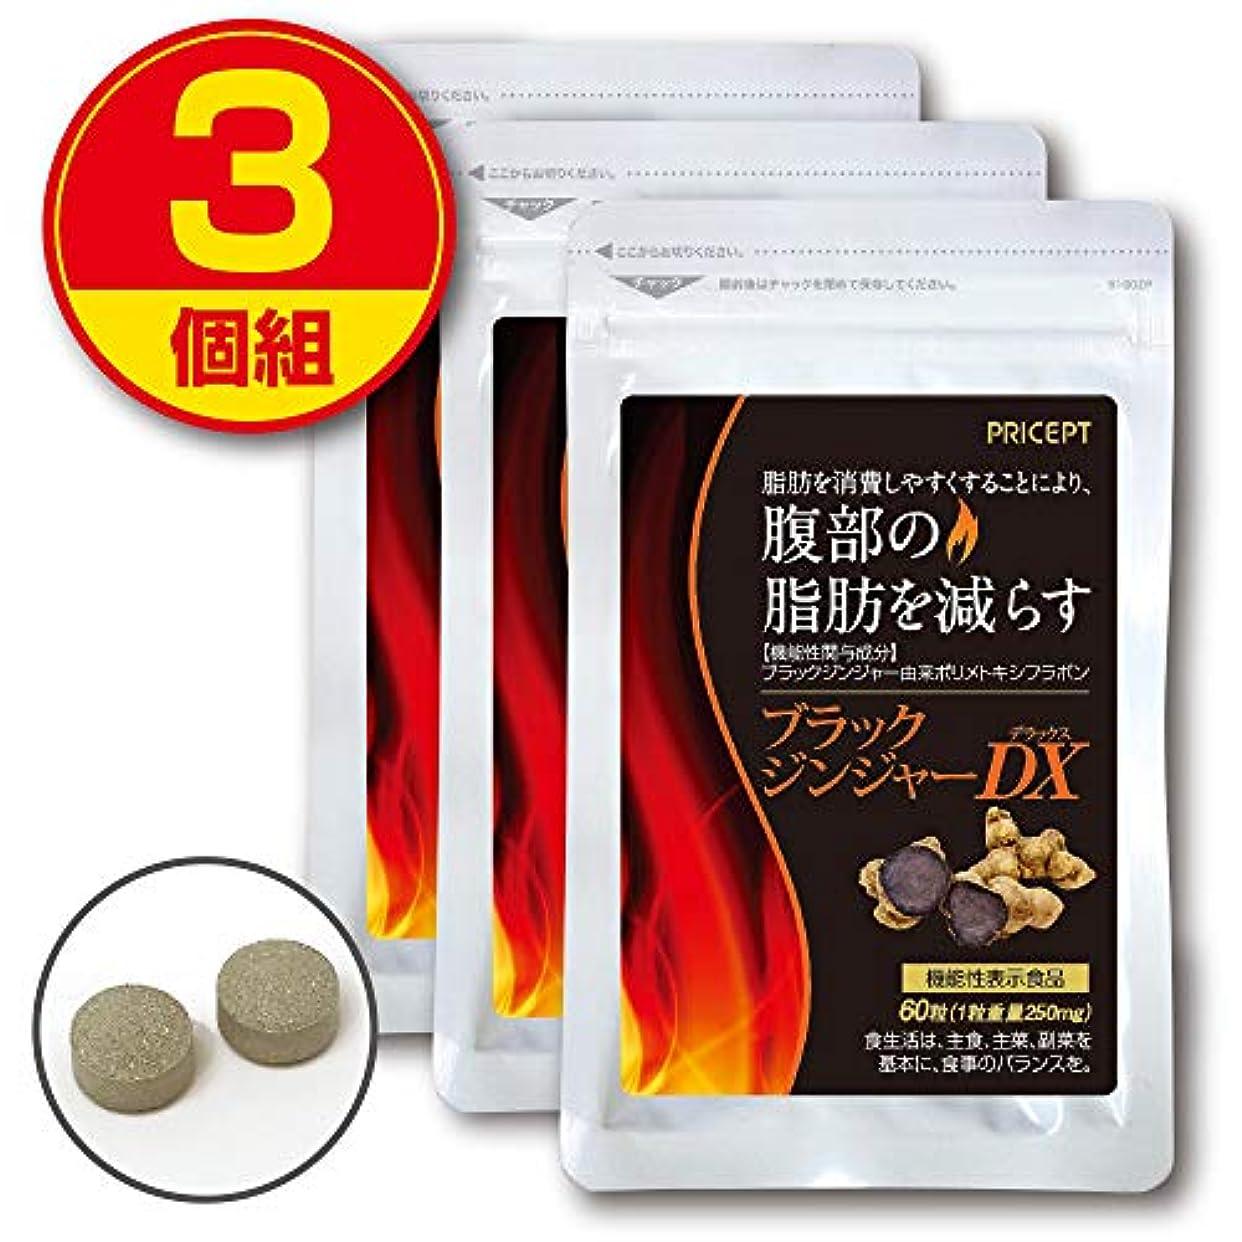 案件損傷納屋プリセプト ブラックジンジャーDX 機能性表示食品 60粒【3個組】(ダイエットサプリメント?粒タイプ)